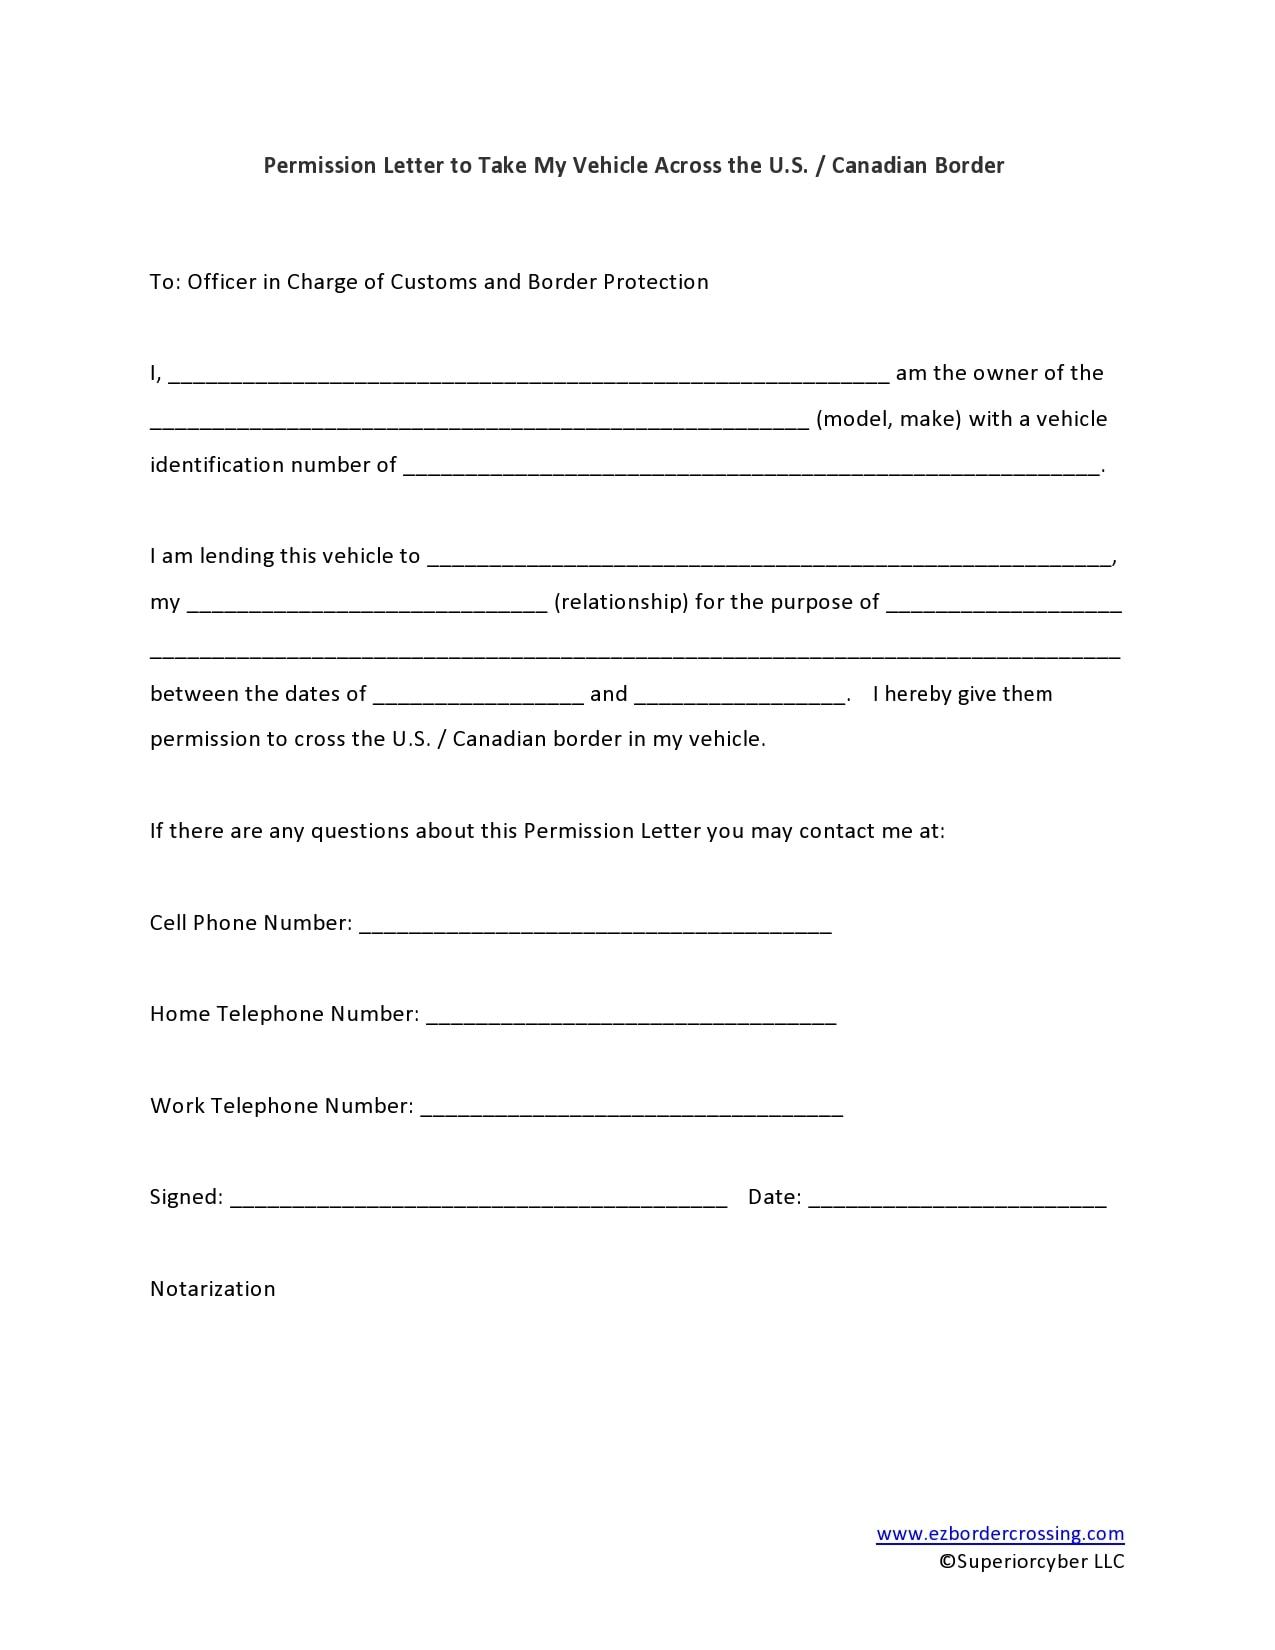 permission letter 06